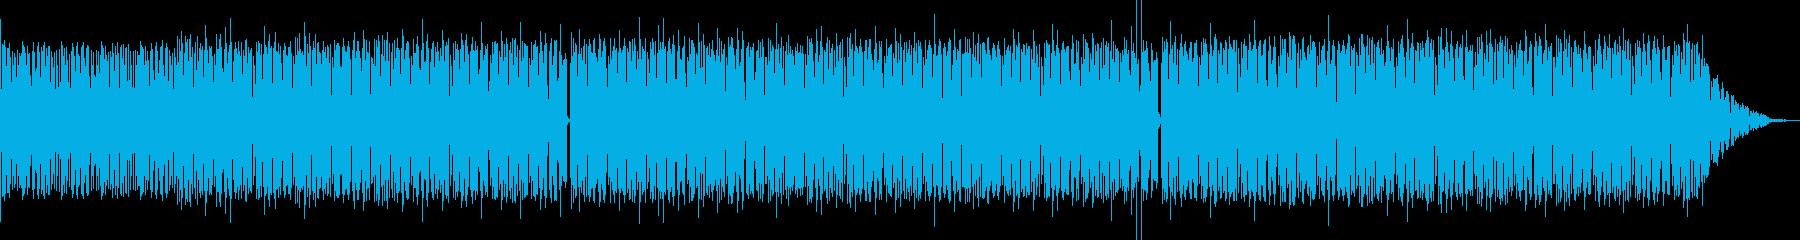 東京DeepHouseの再生済みの波形